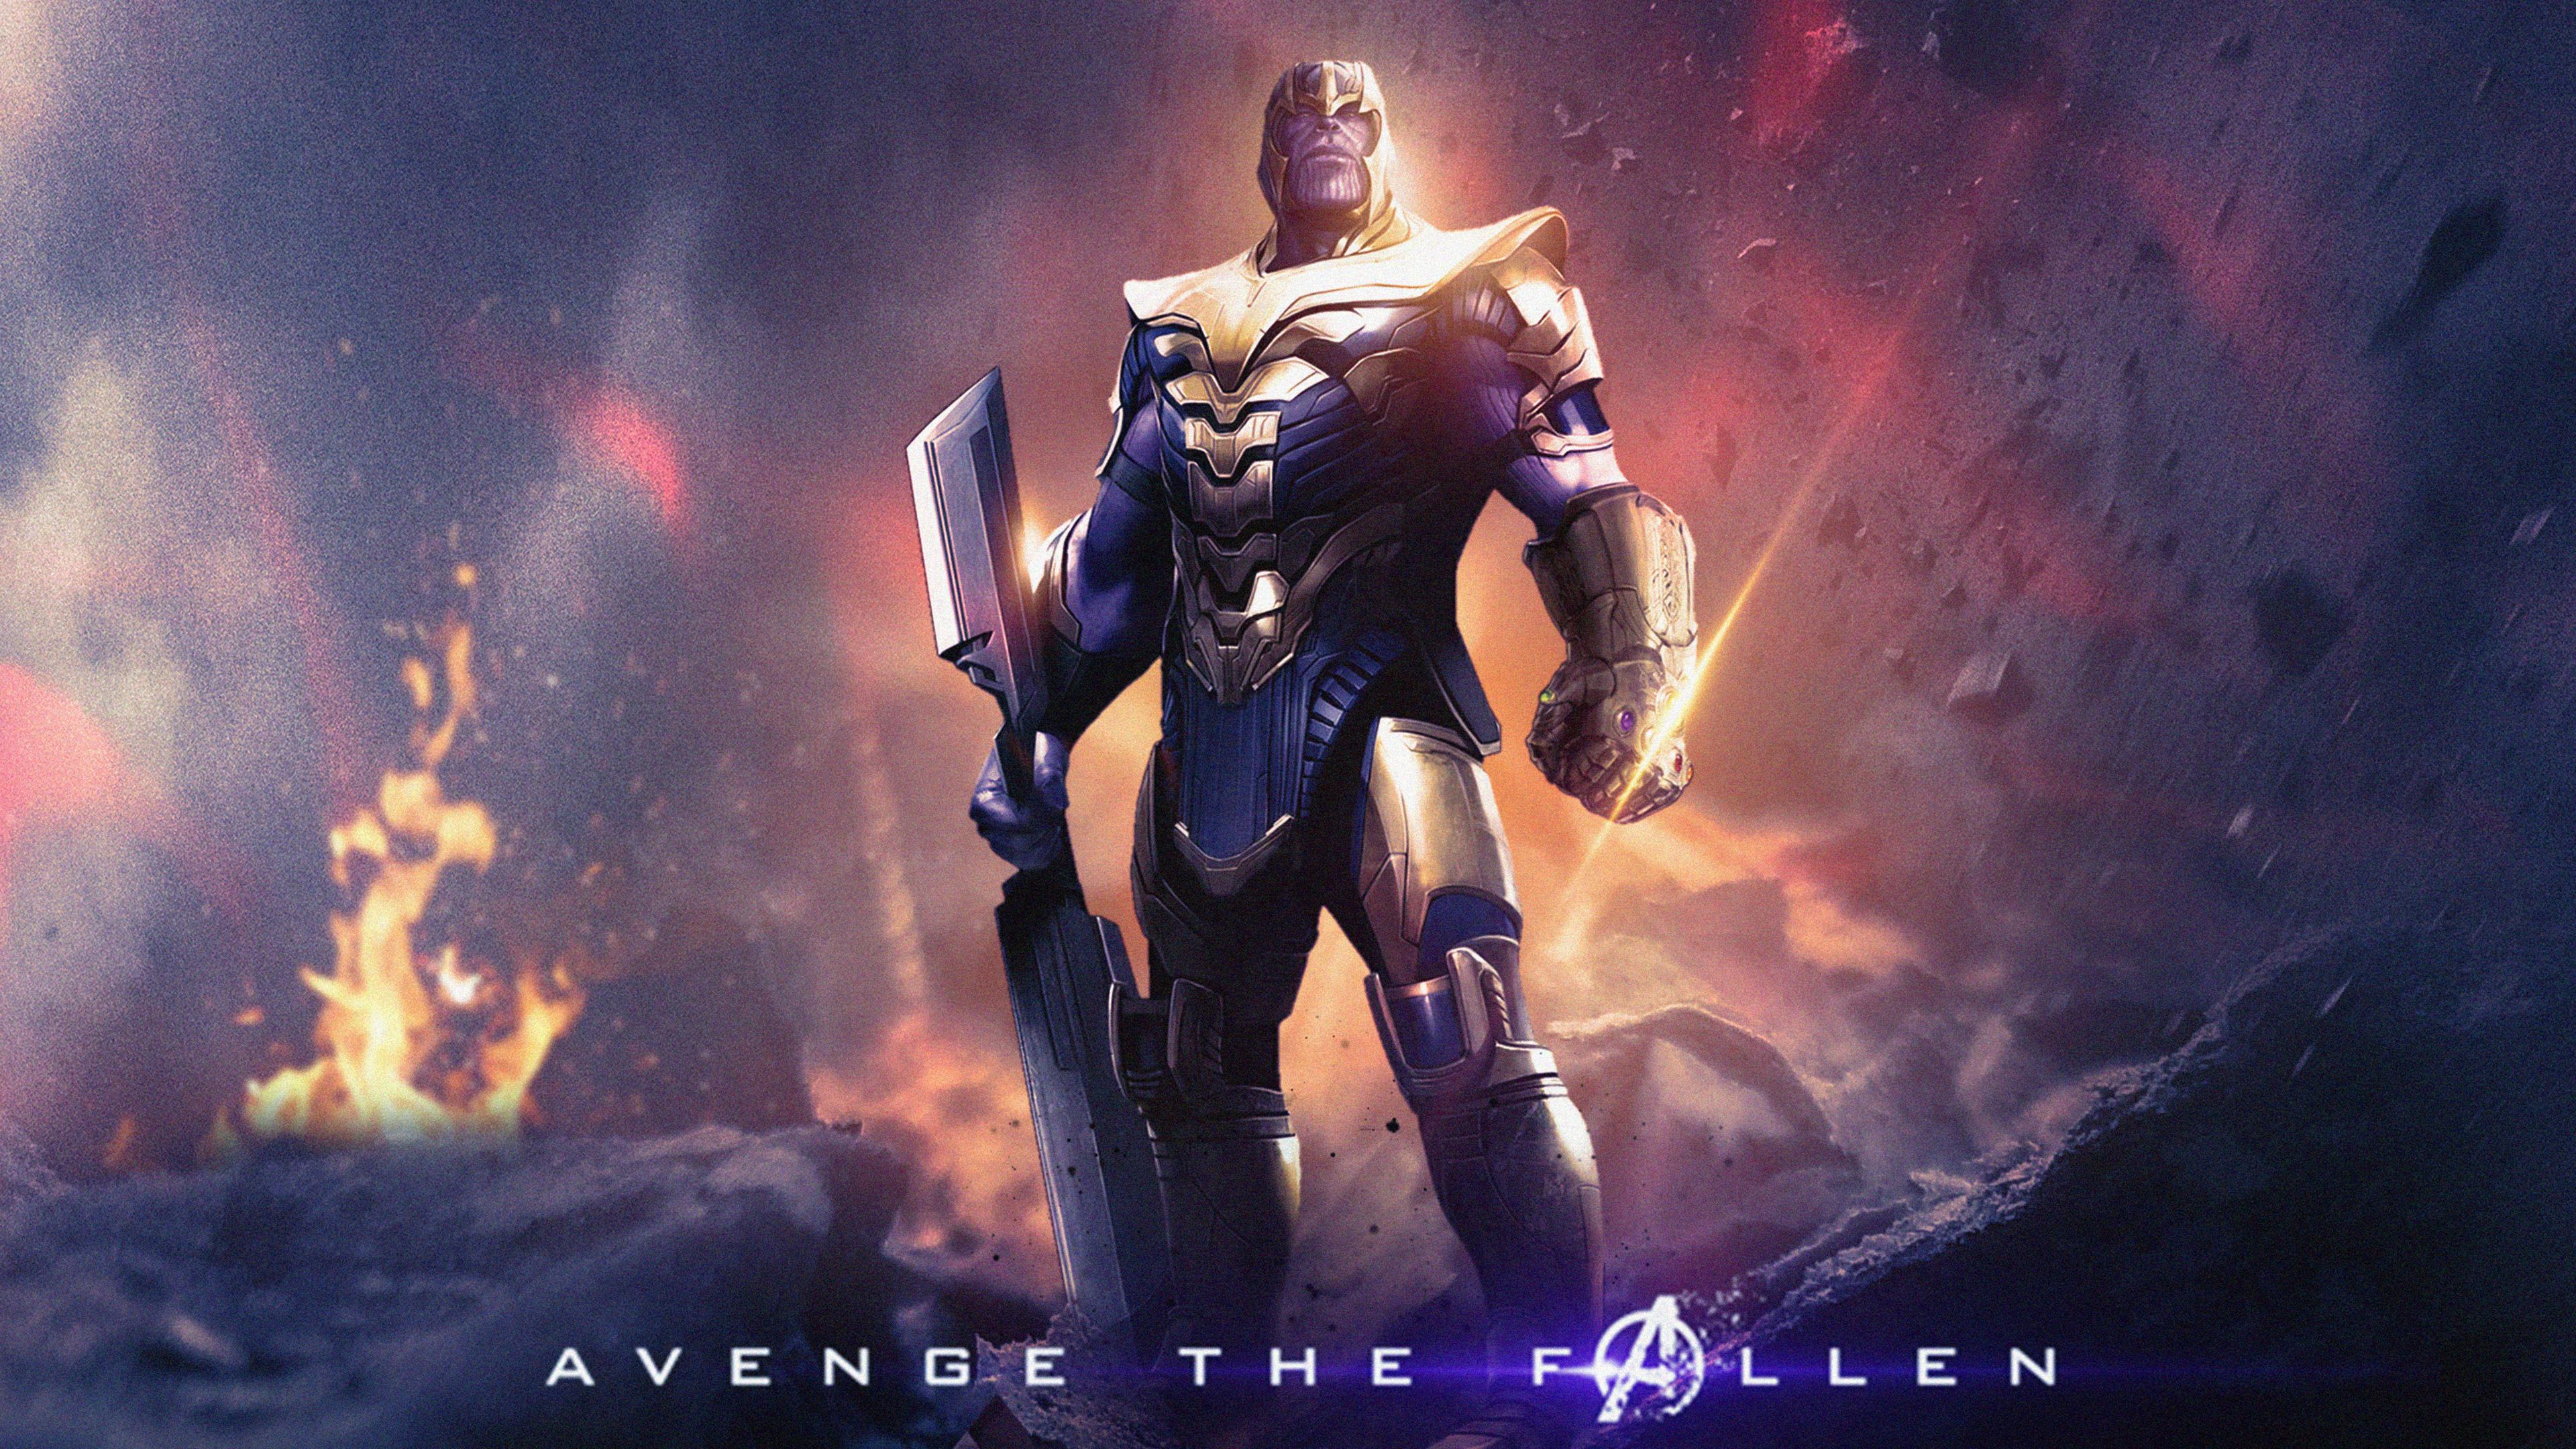 Captain America Iron Man in Avengers Endgame 4K Wallpapers ...